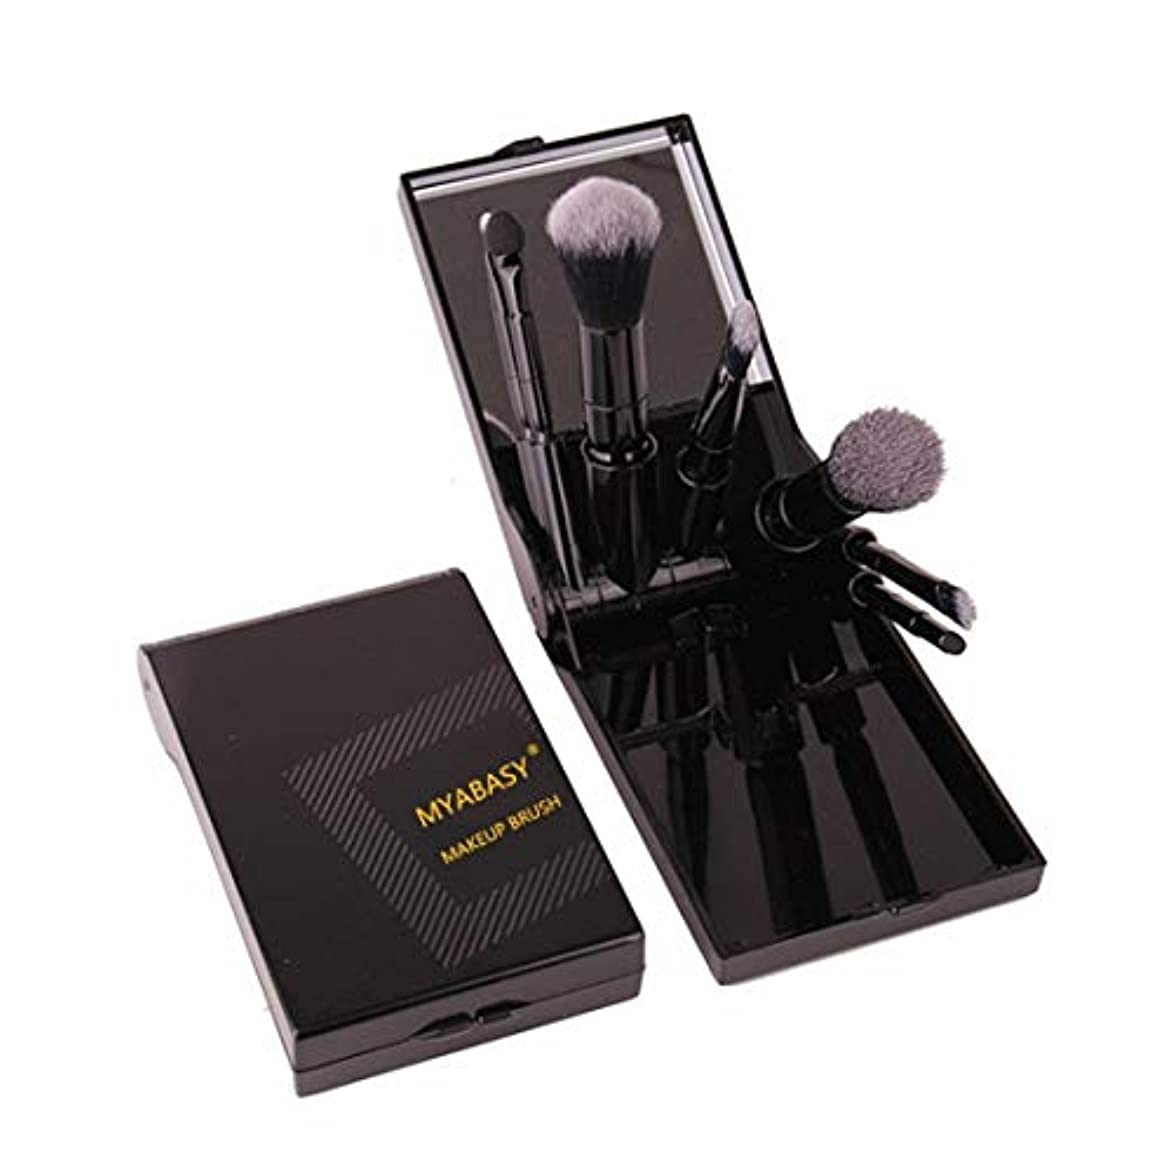 酸素甘くする迷彩Makeup brushes アイシャドウとその他の観賞用、赤面、ファンデーションに適している、7メイクアップブラシ suits (Color : Black)